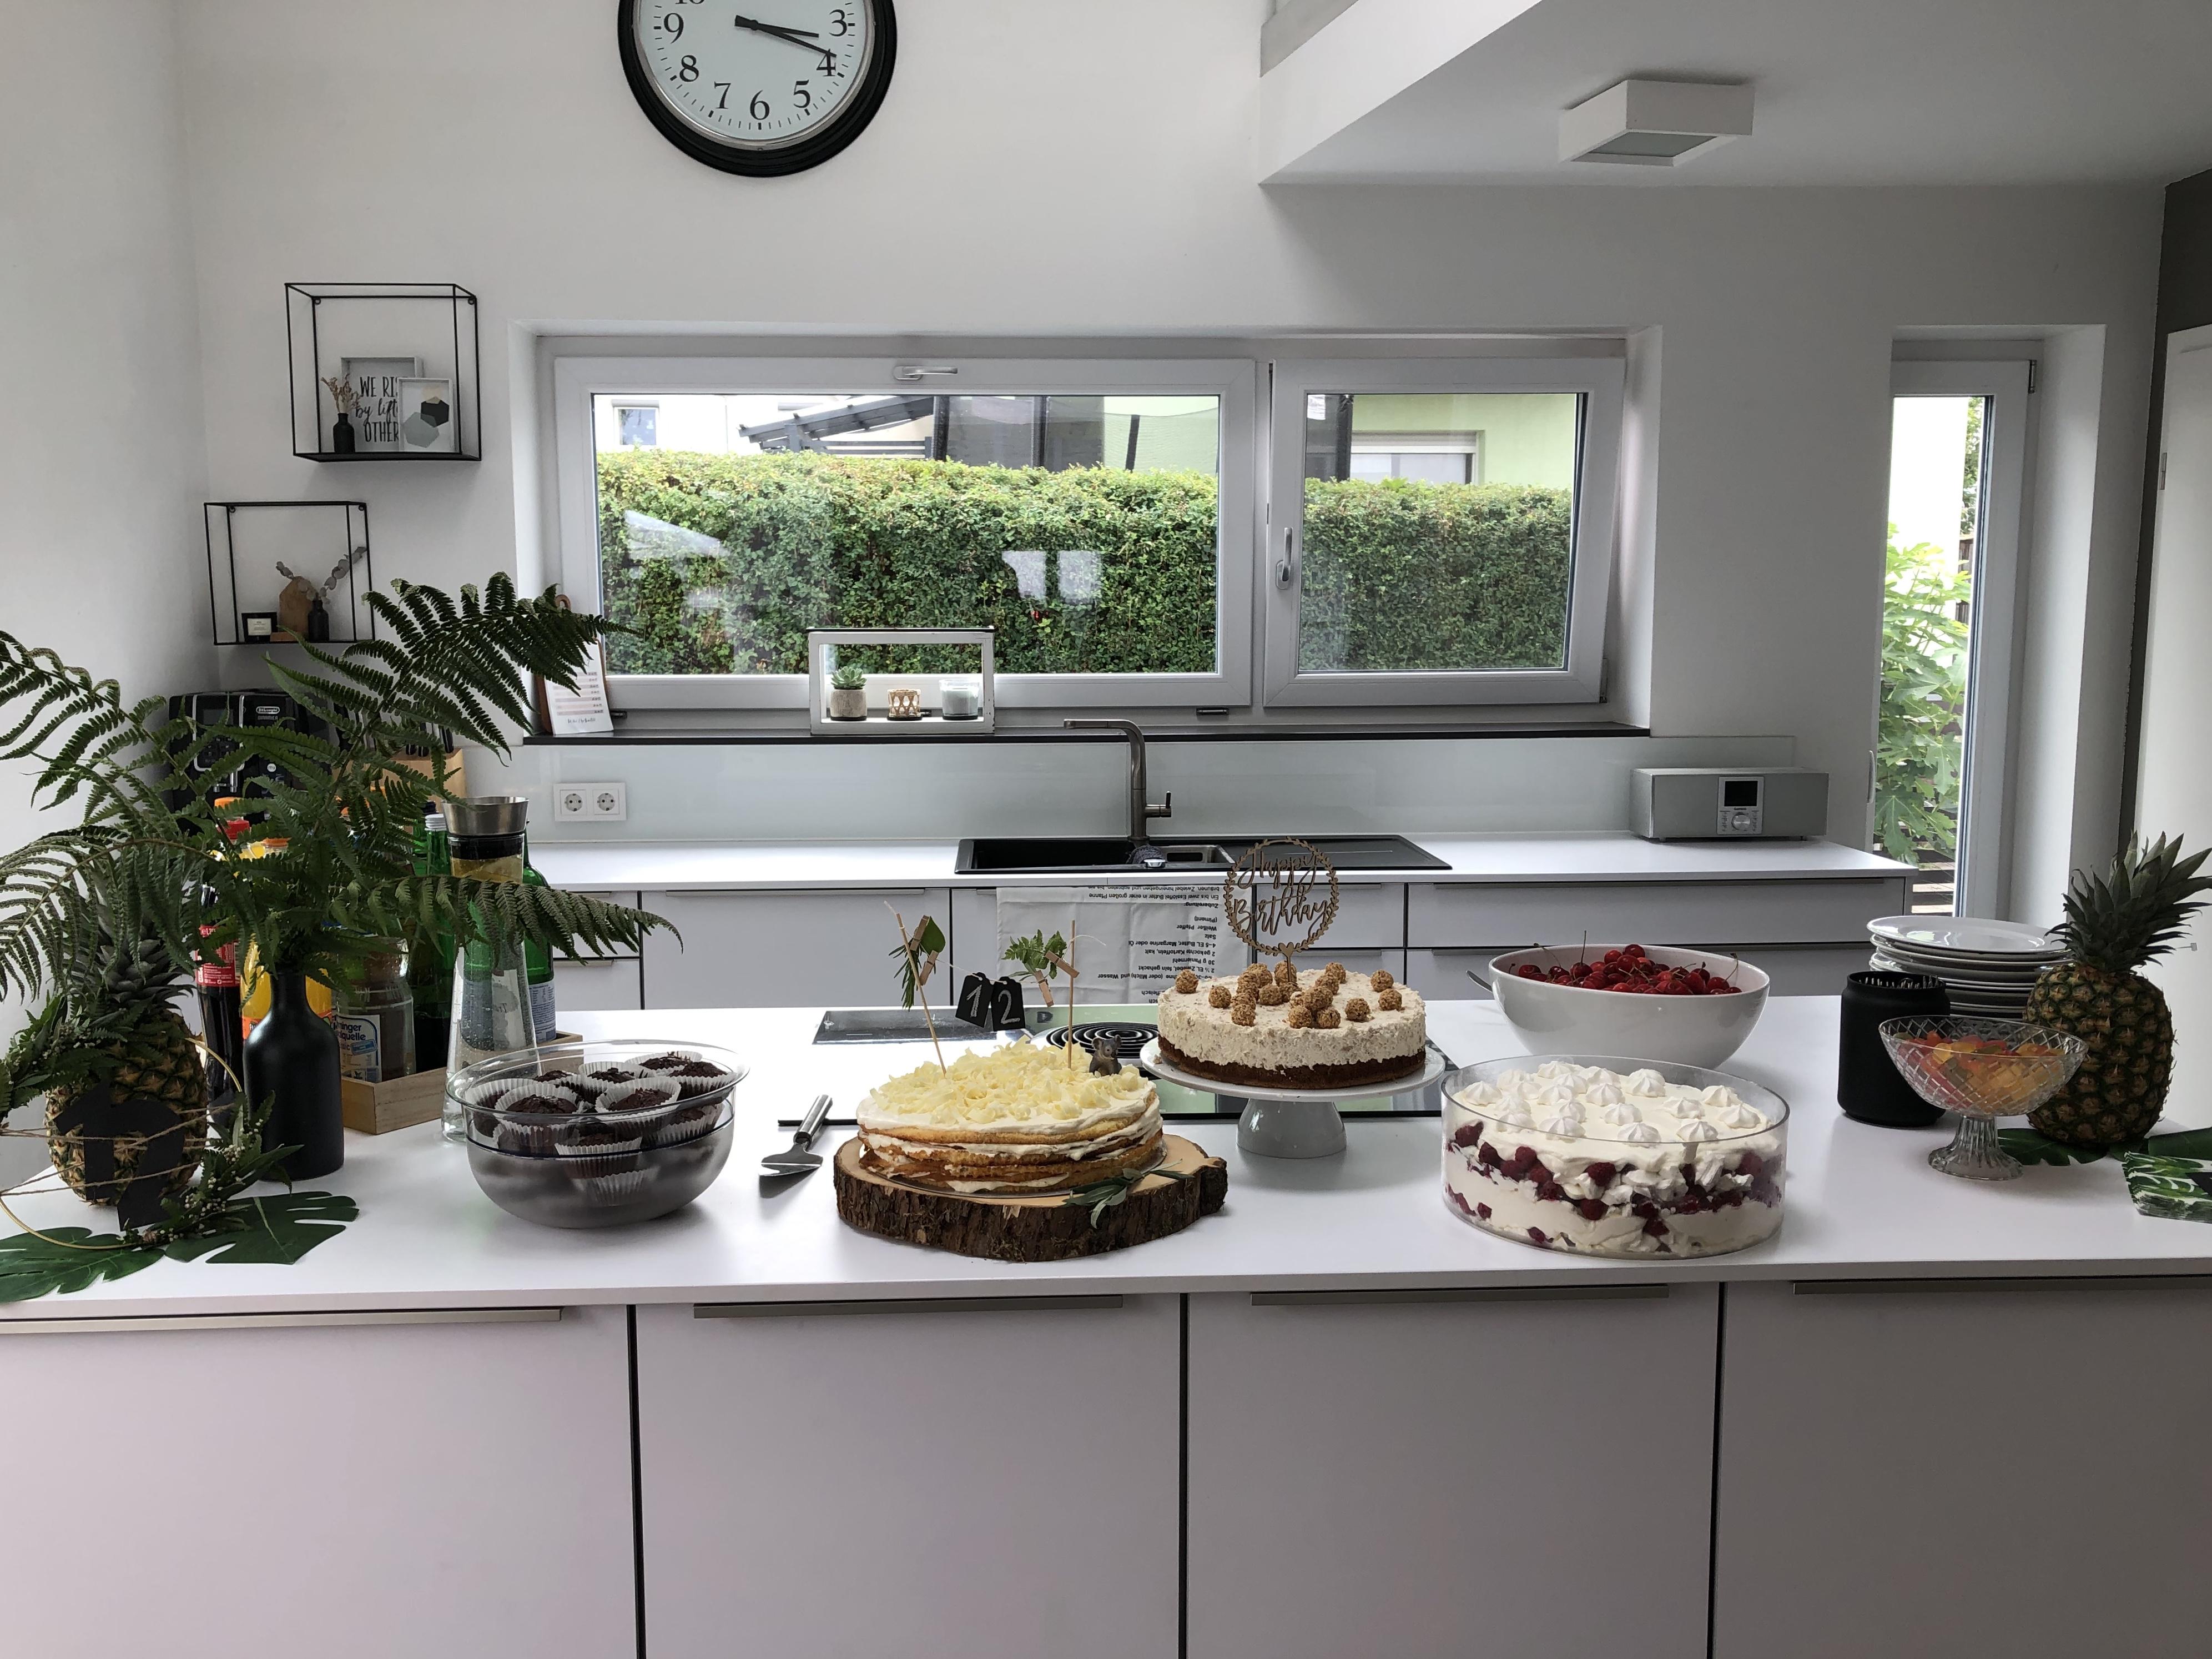 helle Küche Homestory Beton trifft auf Glas. Weitere Wohnideen findest du bei desmondo.de